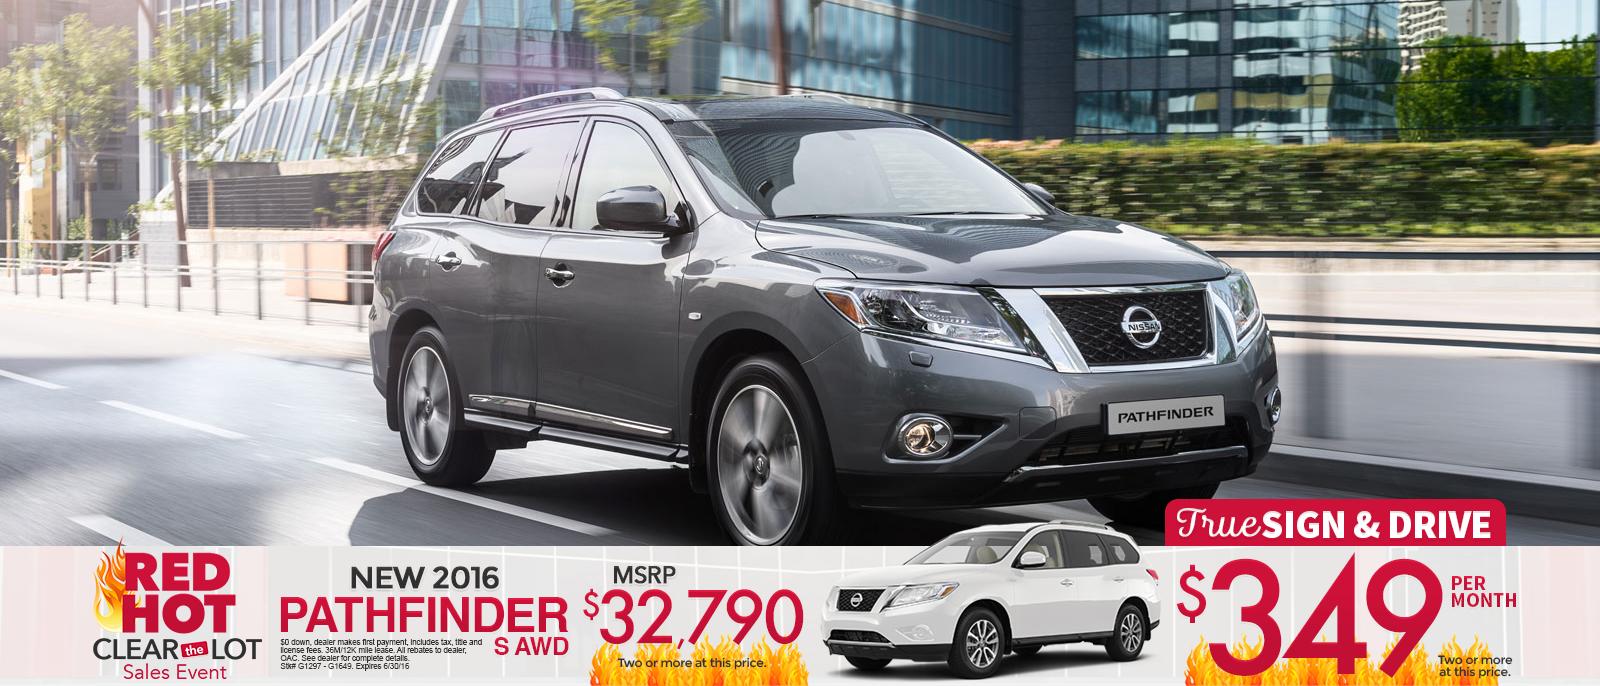 New 2016 Nissan Pathfinder Dealer Mn Minneapolis Mn Bloomington